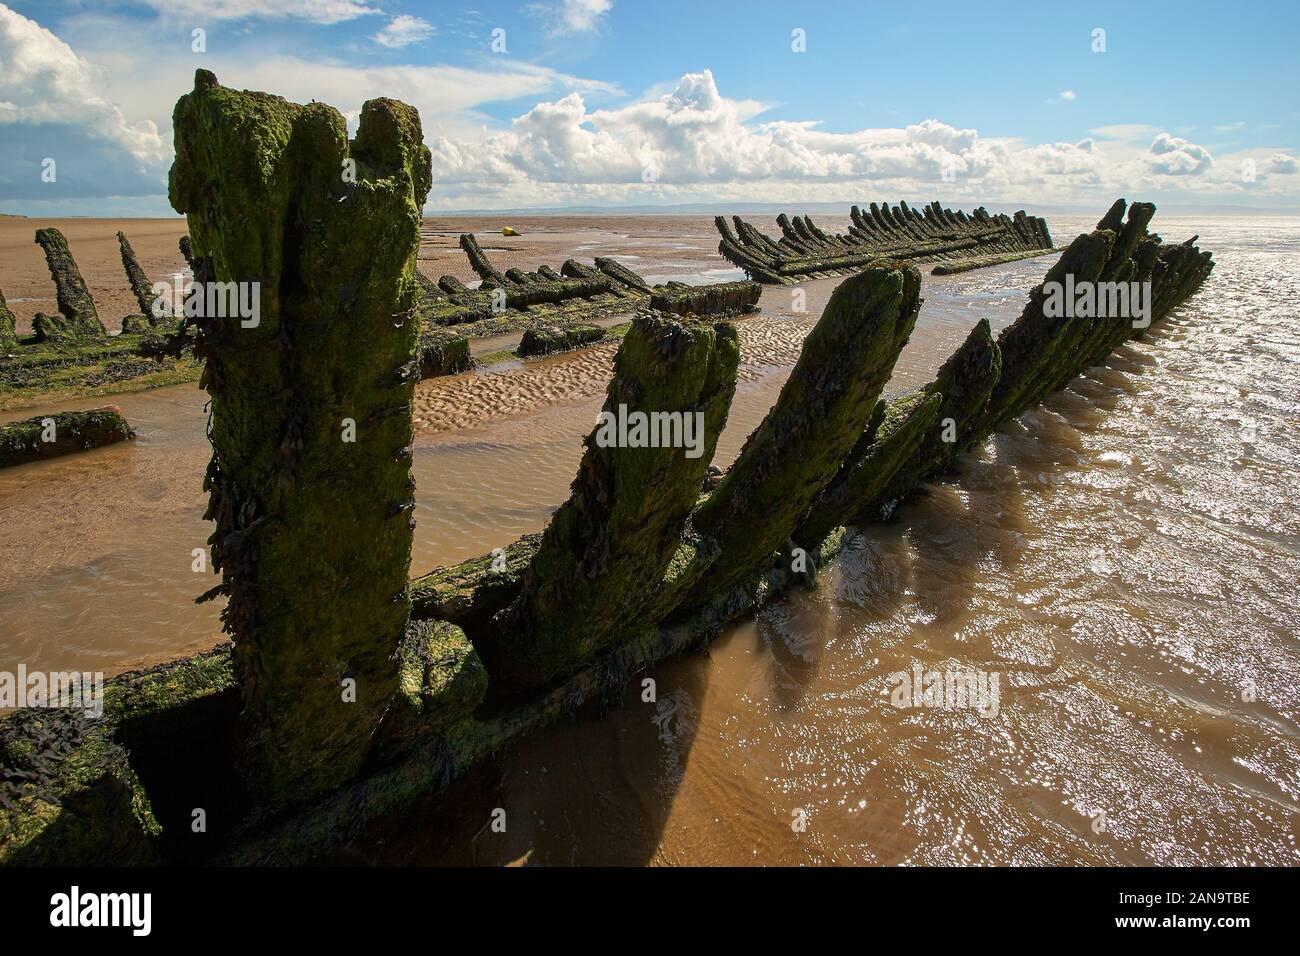 Épave du SS Nornen barque norvégien - une caractéristique de dunes Berrow près de Burnham on Sea puisqu'il s'est échoué en 1897 - Somerset UK Banque D'Images